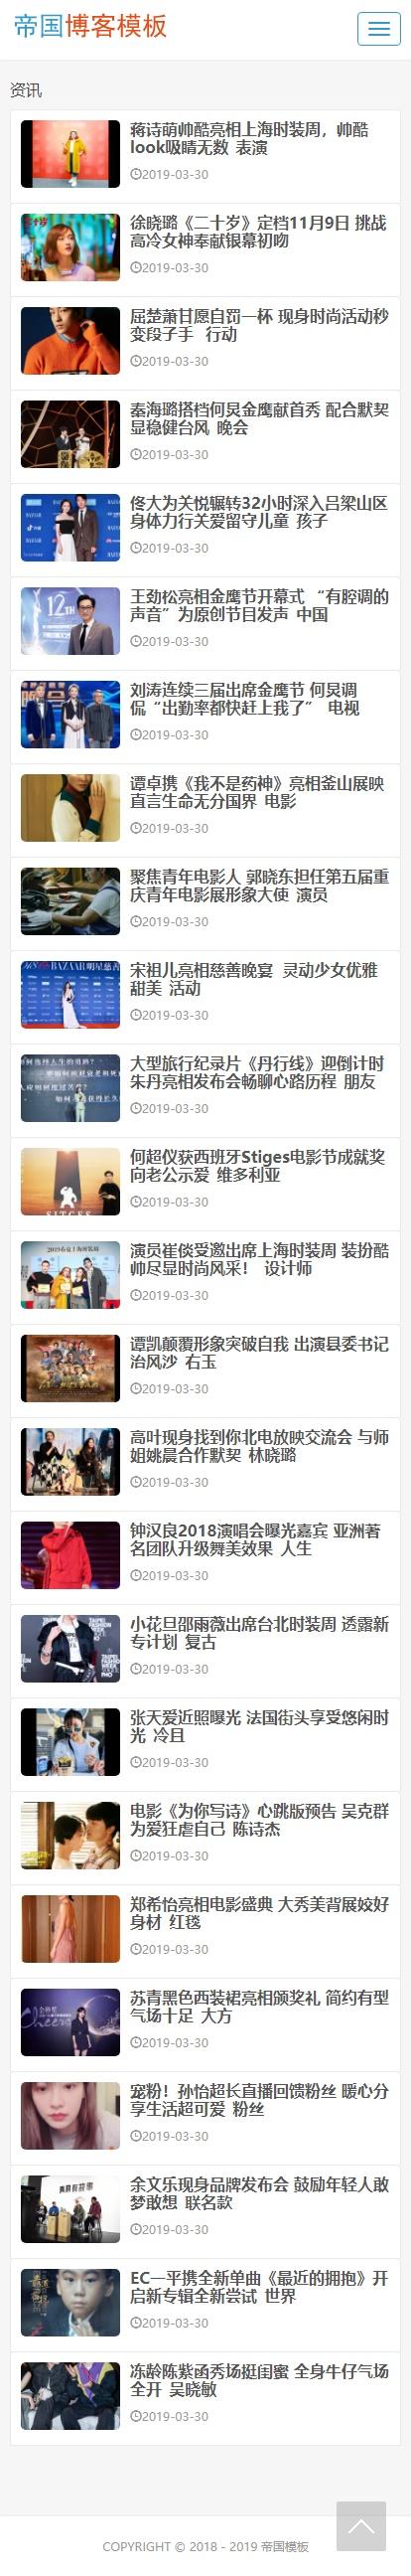 帝国cms博客模板之自适应响应式手机新闻资讯文章自媒体类通用网站模板_手机版列表页